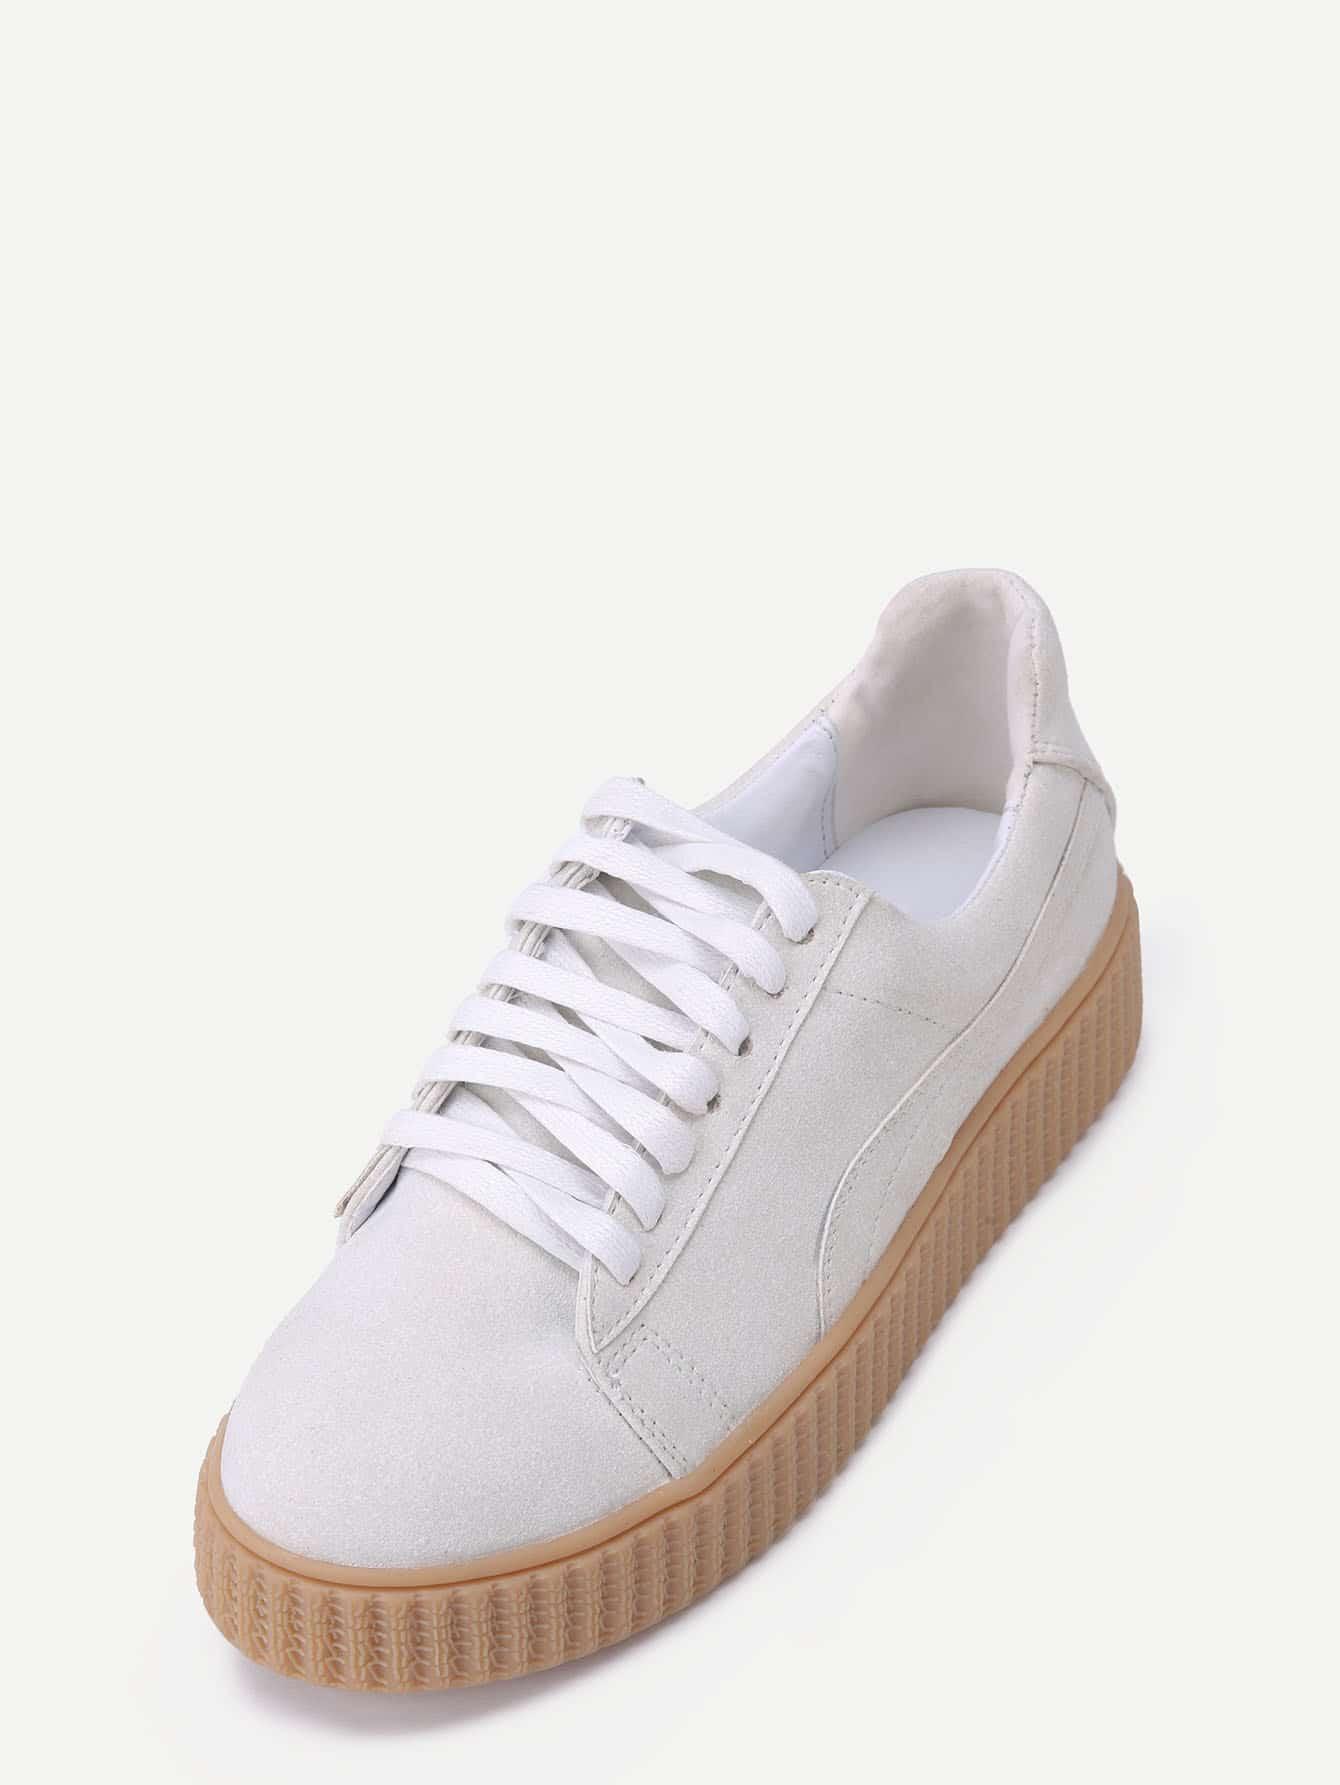 shoes160905804_2